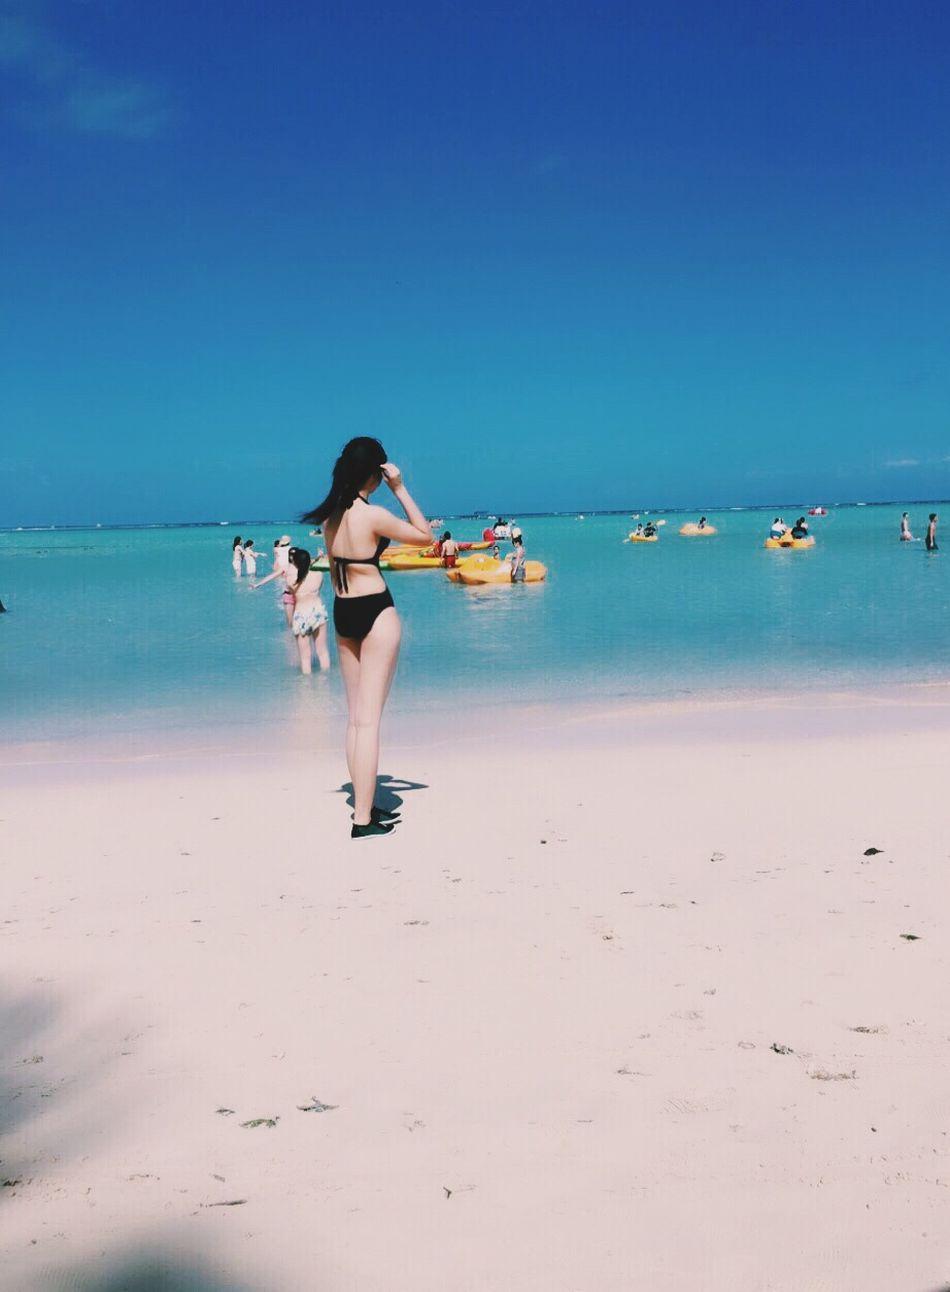 Beach Traveling In Guam Enjoying Life Taking Photos